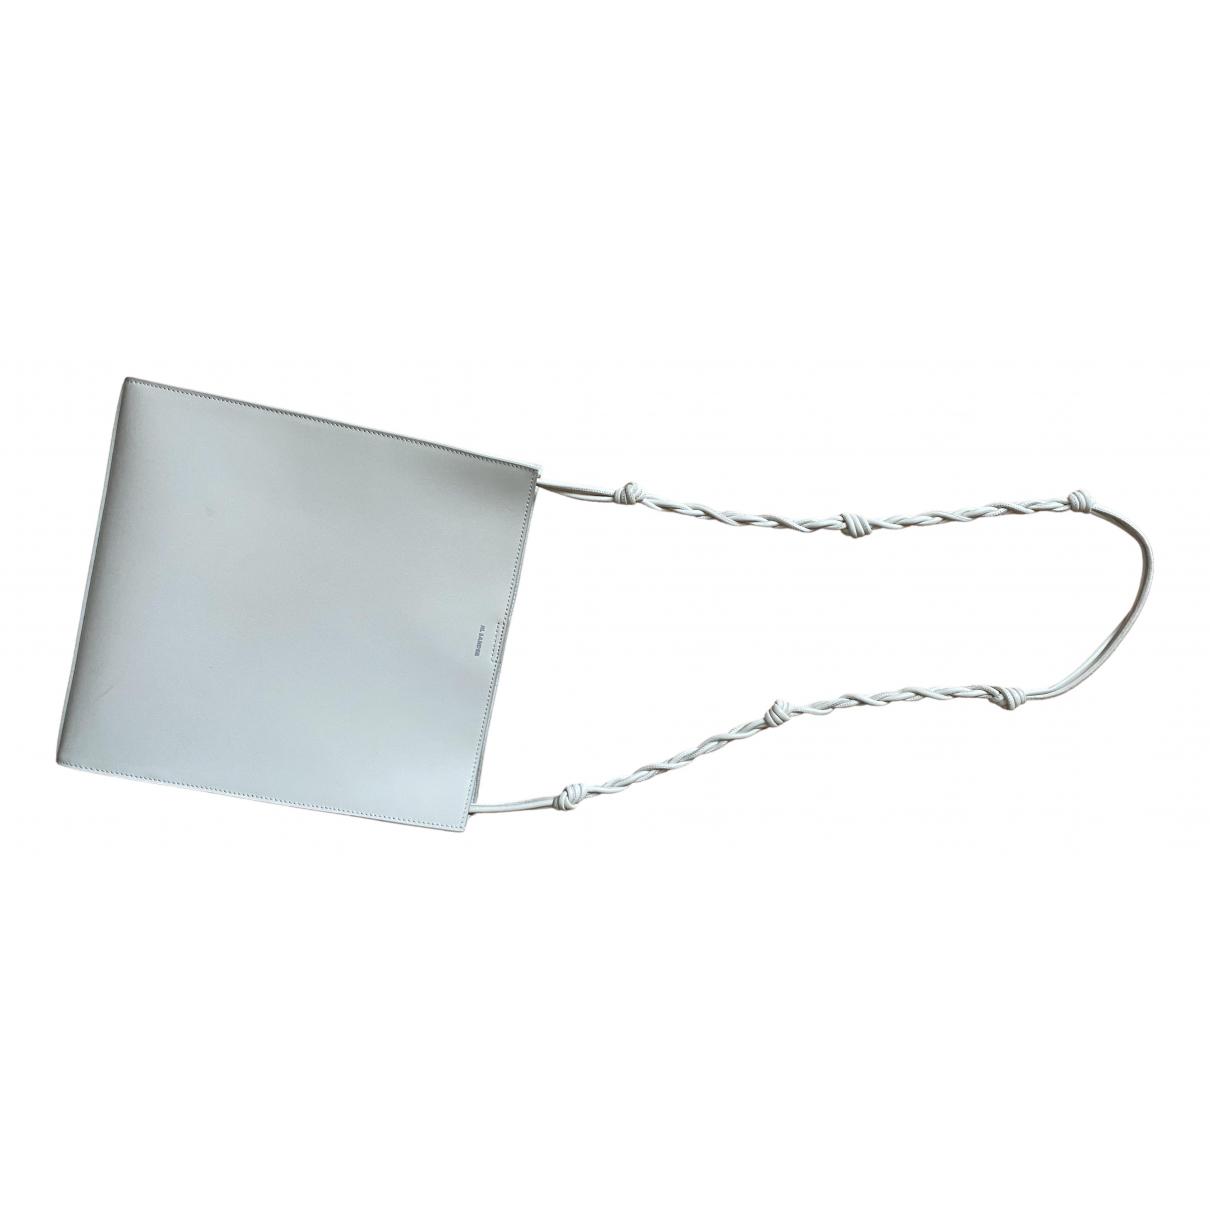 Jil Sander - Sac a main Tangle pour femme en cuir - blanc